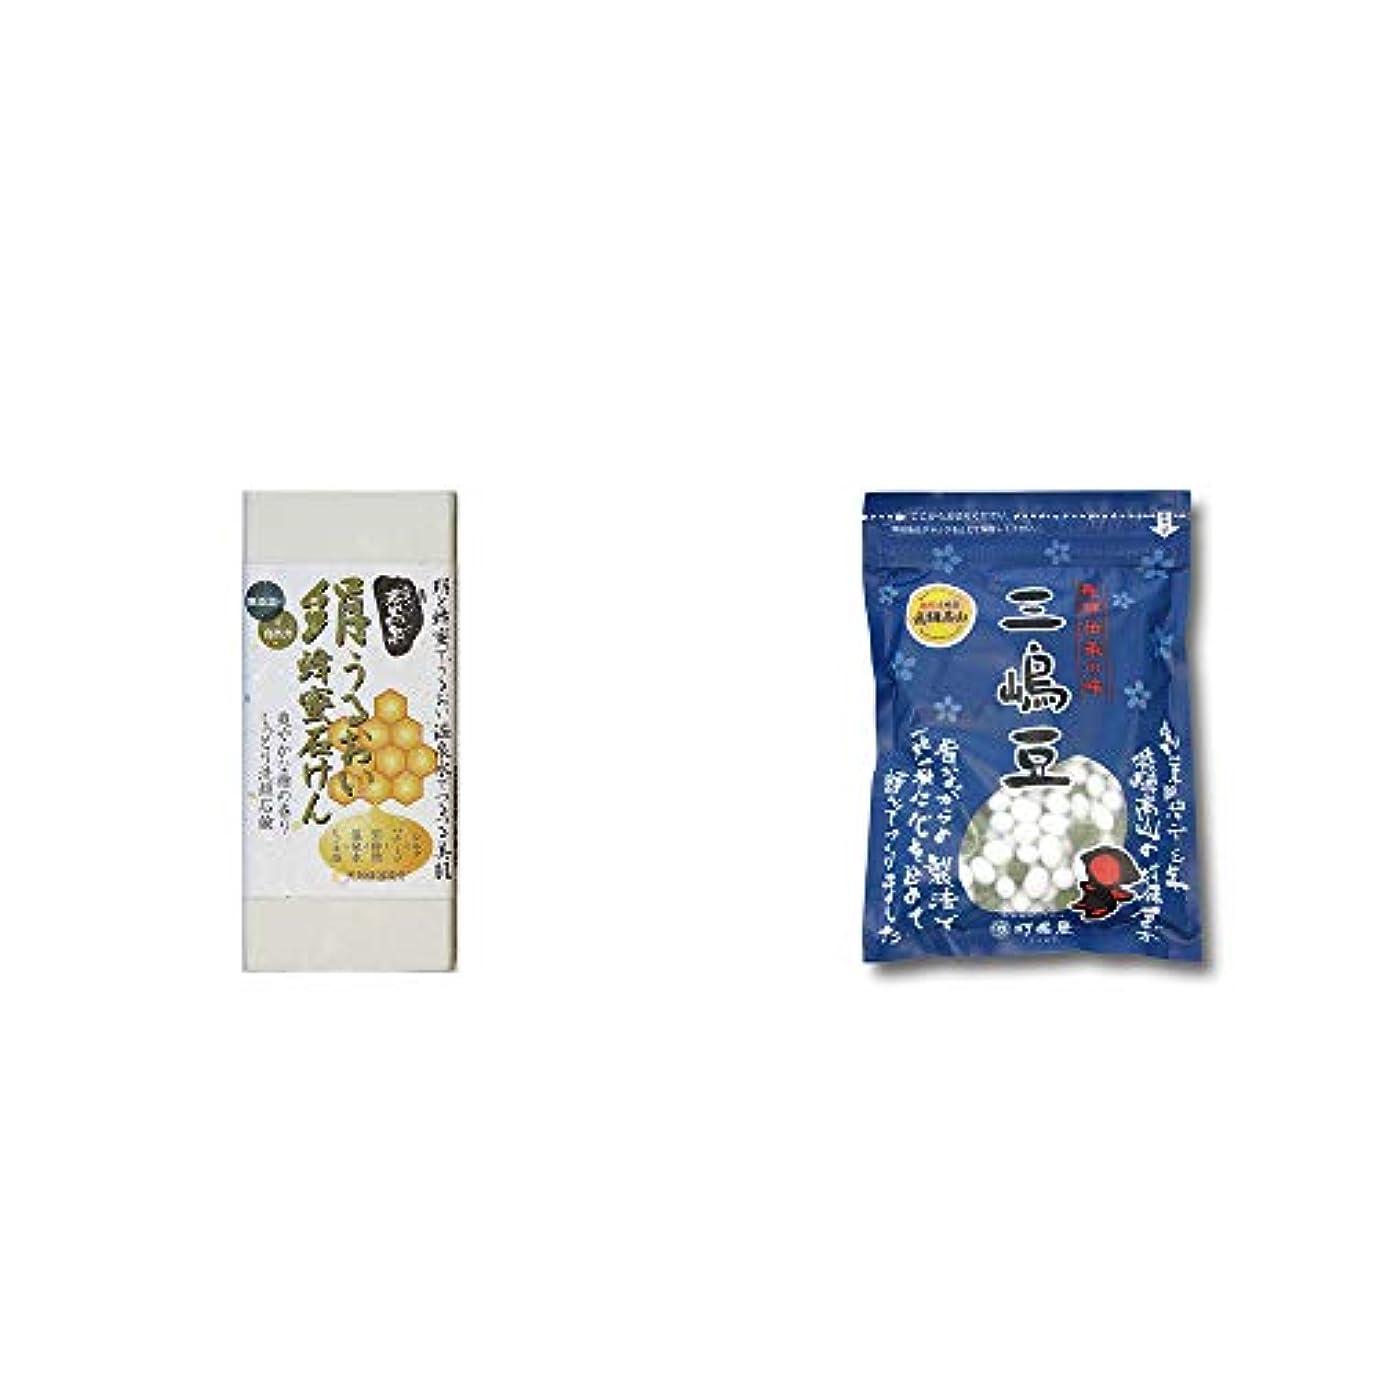 セッション芸術的カンガルー[2点セット] ひのき炭黒泉 絹うるおい蜂蜜石けん(75g×2)?飛騨 打保屋 駄菓子 三嶋豆(150g)